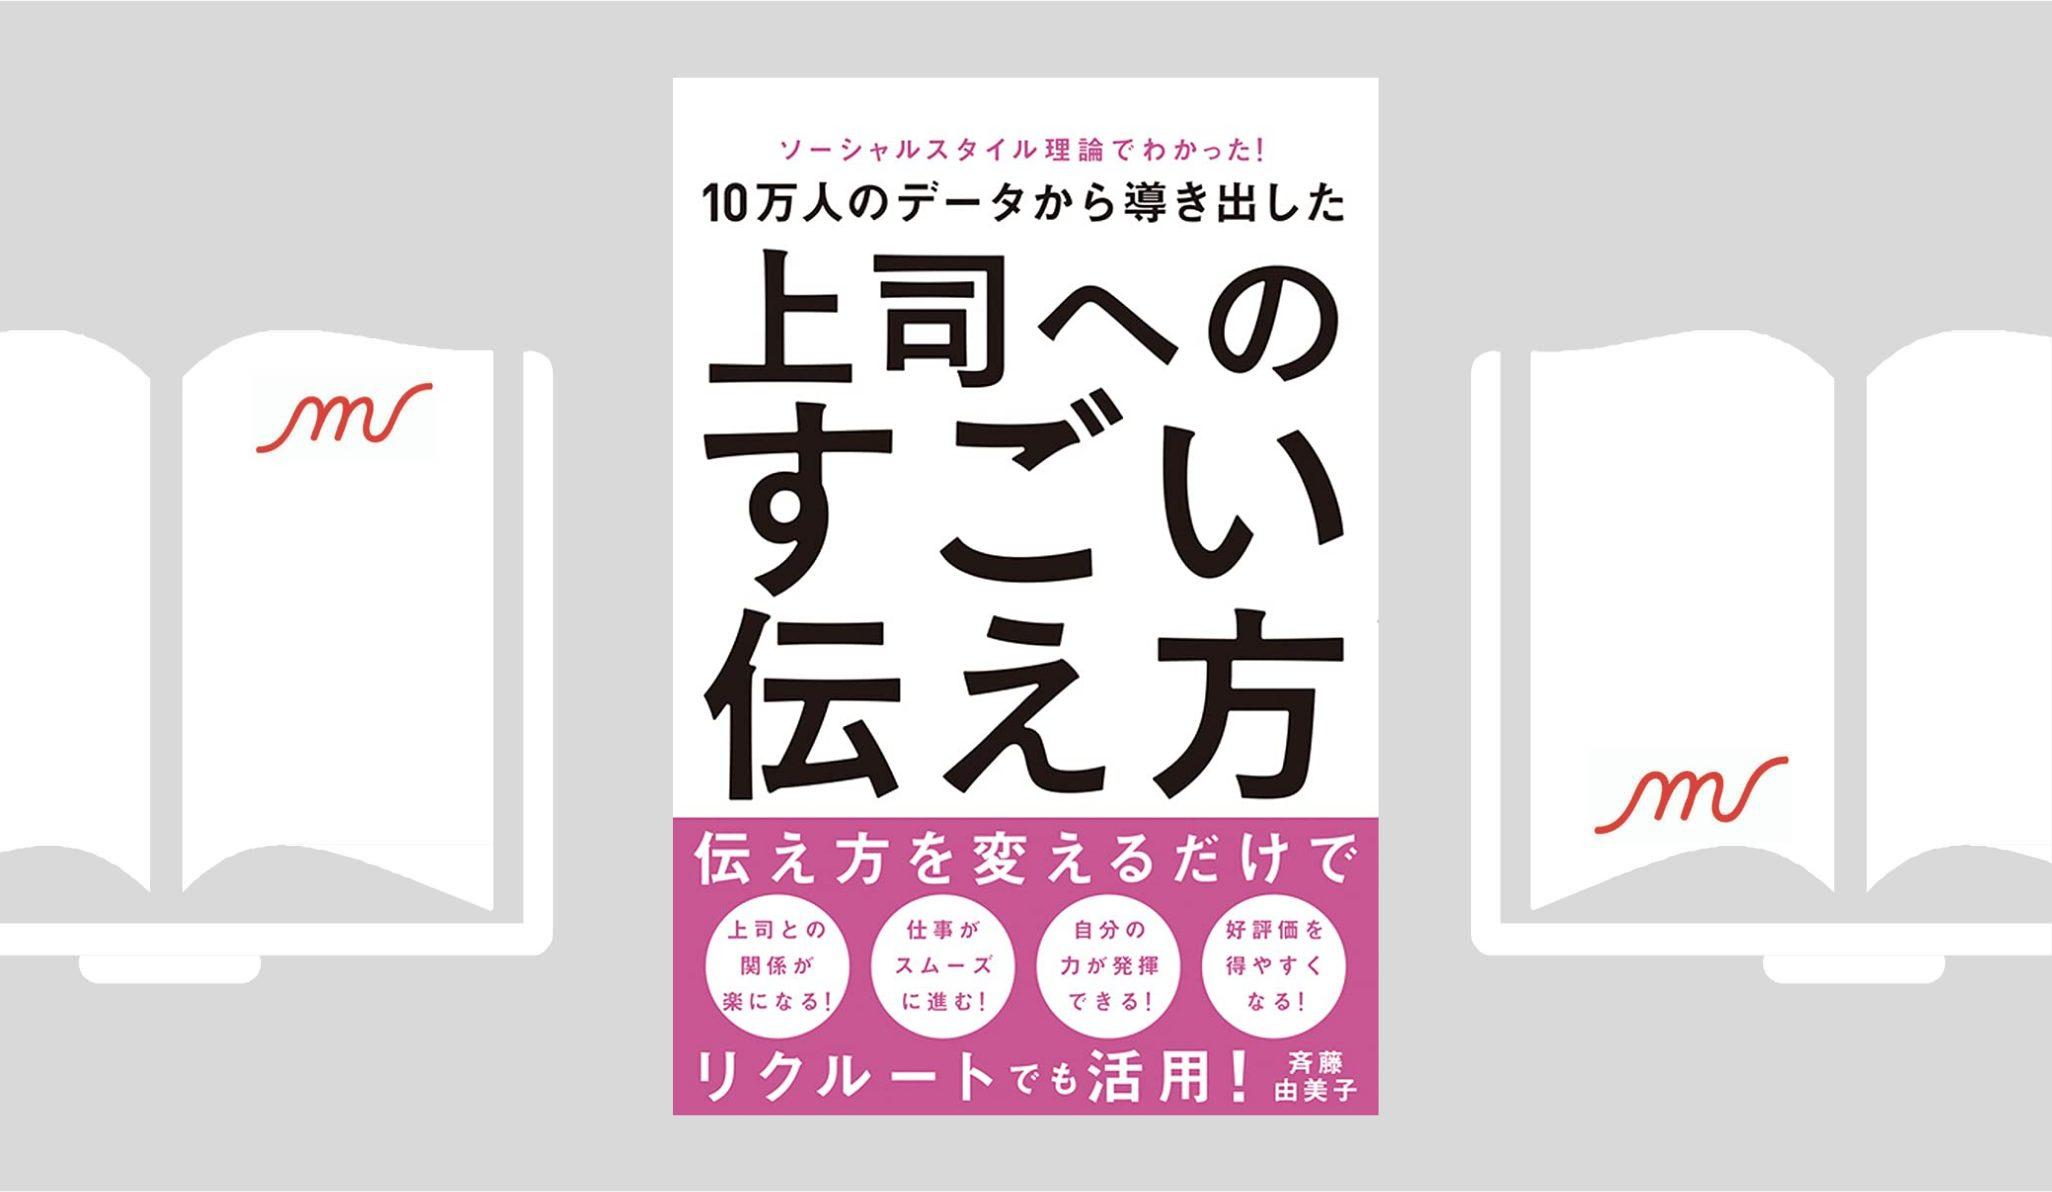 『上司へのすごい伝え方』斉藤 由美子